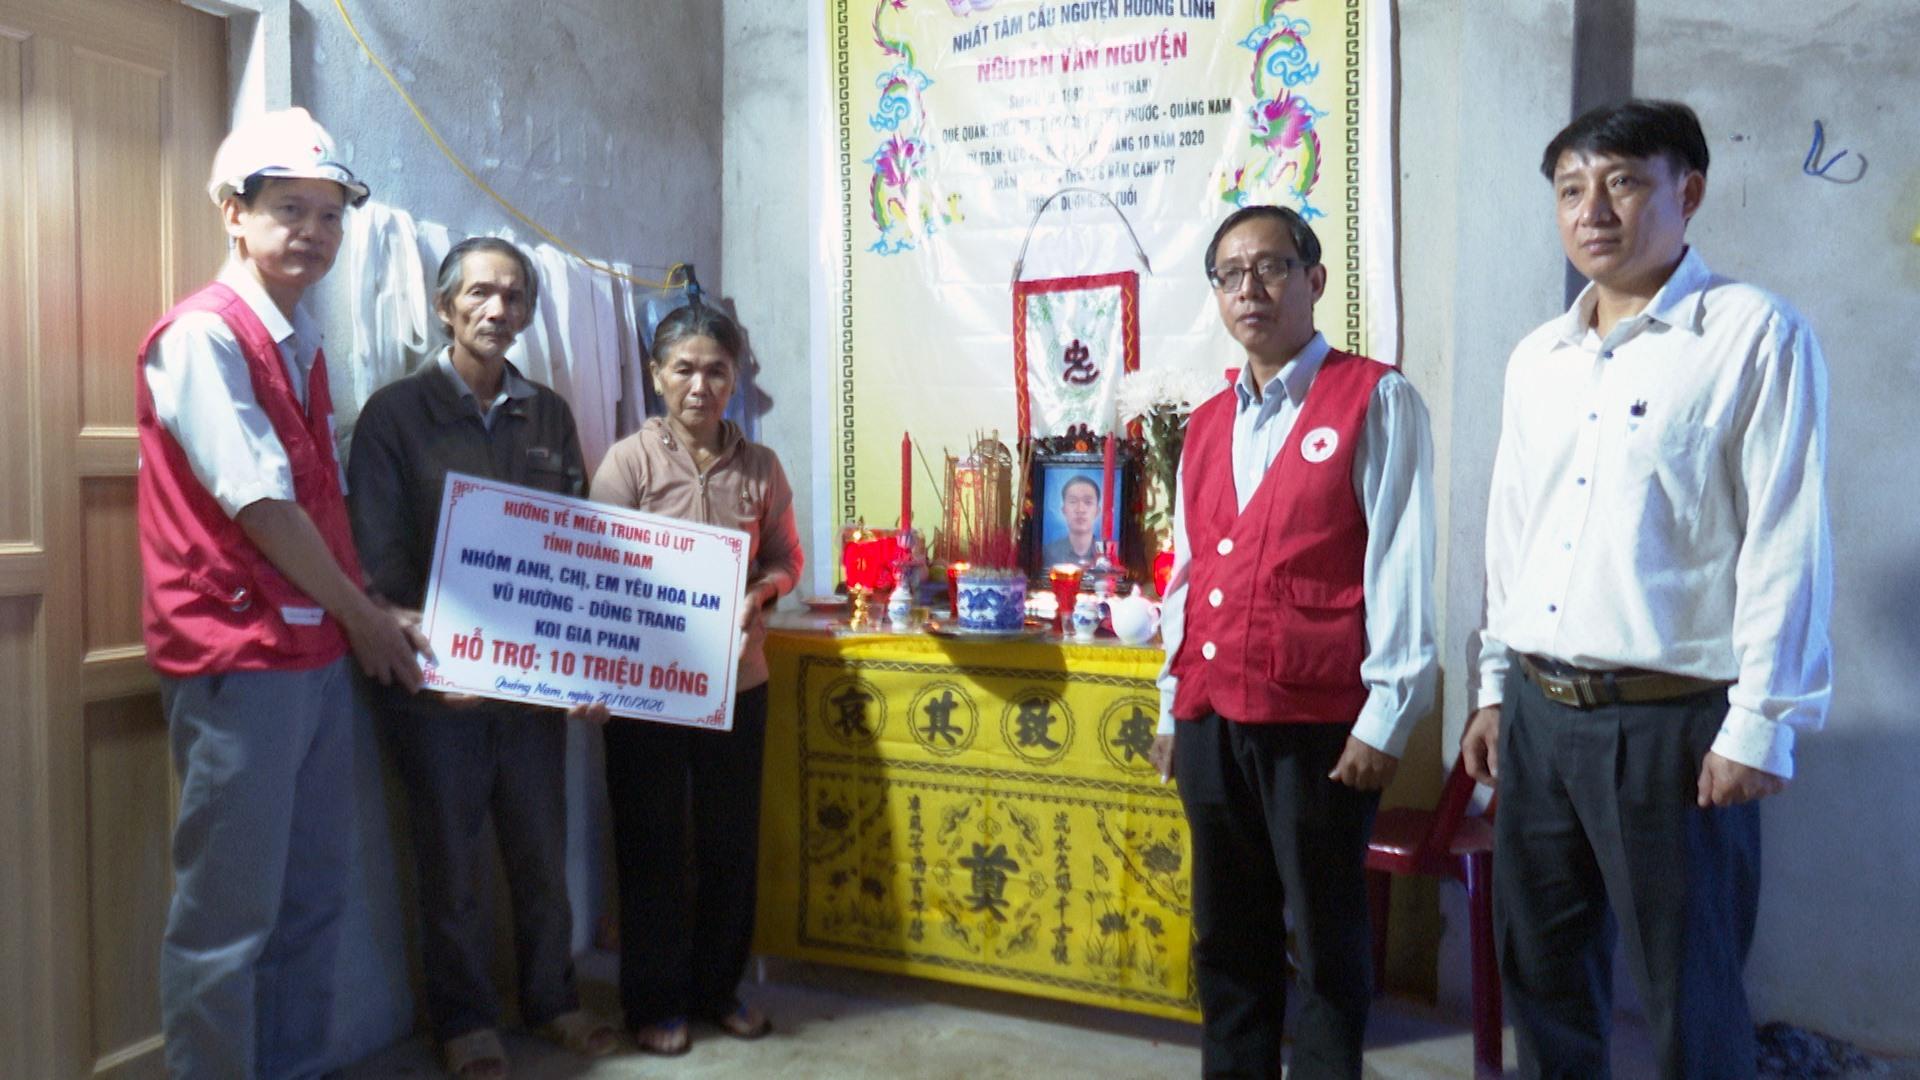 Hội Chữ thập đỏ tỉnh đến động viên, tặng qùa cho gia đình ông Nguyễn Tuyết (thôn 7b), Tiên Cảnh, Tiên Phước có người thân bị lũ cuốn trôi.